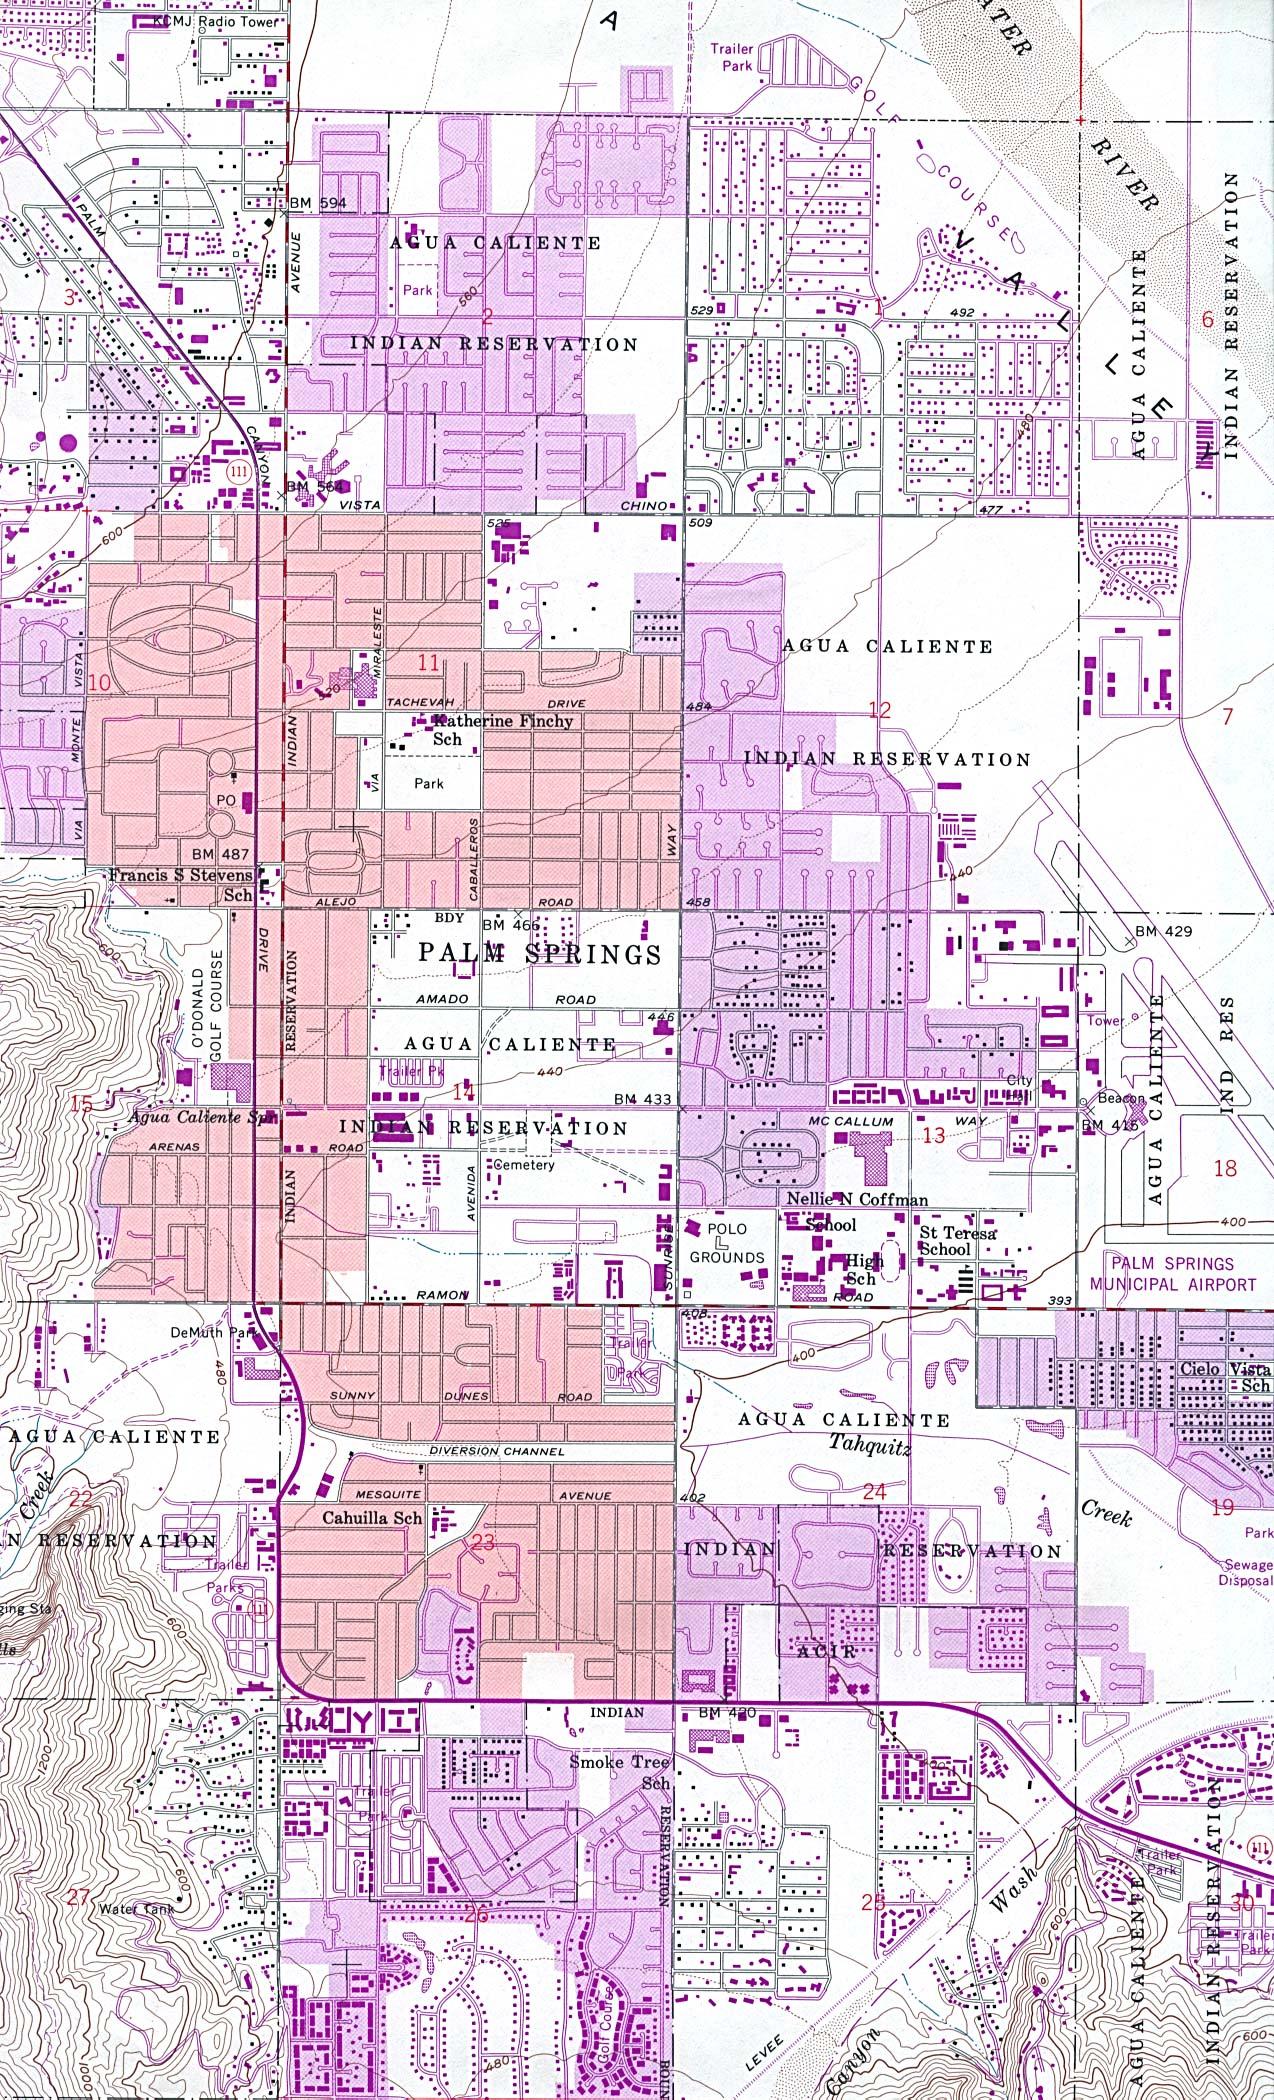 Mapa Topográfico de la Ciudad de Palm Springs, California, Estados Unidos